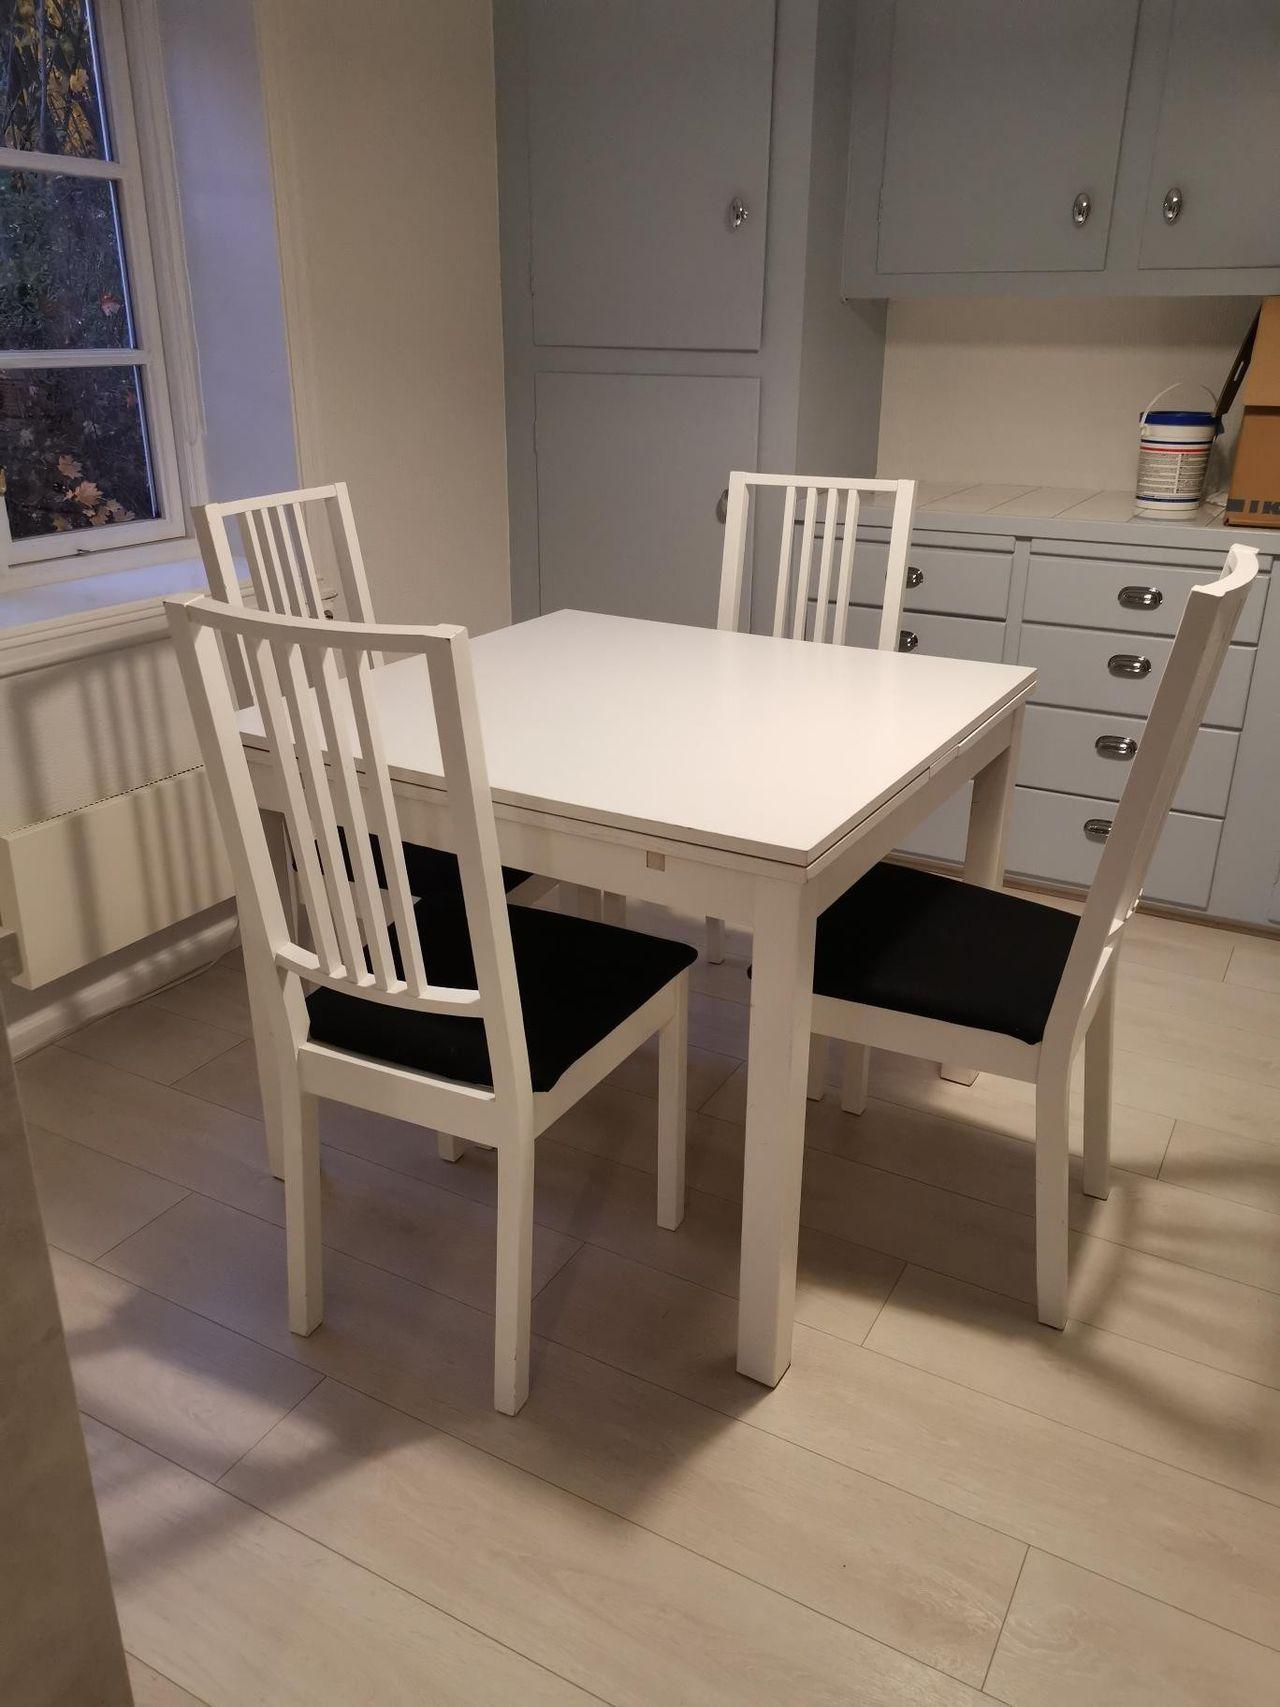 Pent brukt spisebord med stoler Kjøpe, selge og utveksle